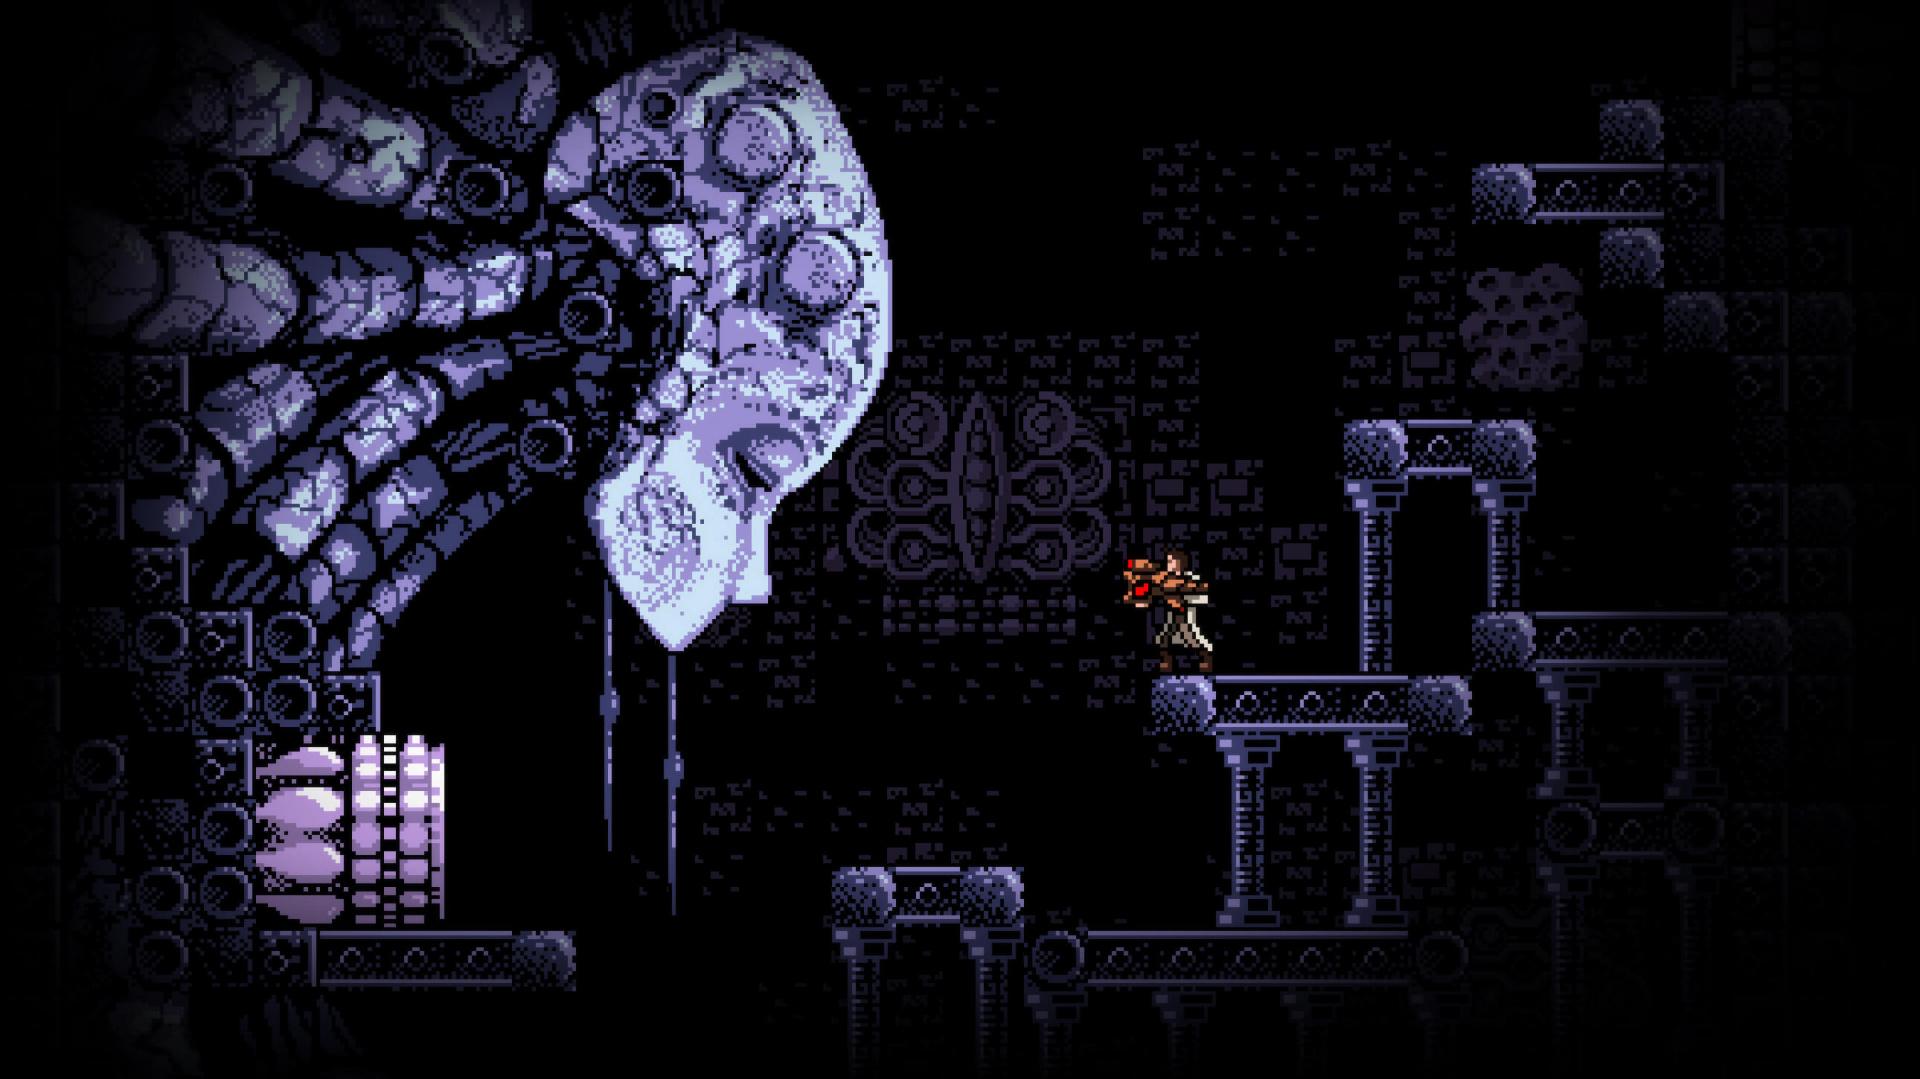 Метроидвания Axiom Verge2 выйдет на PlayStation в конце лета